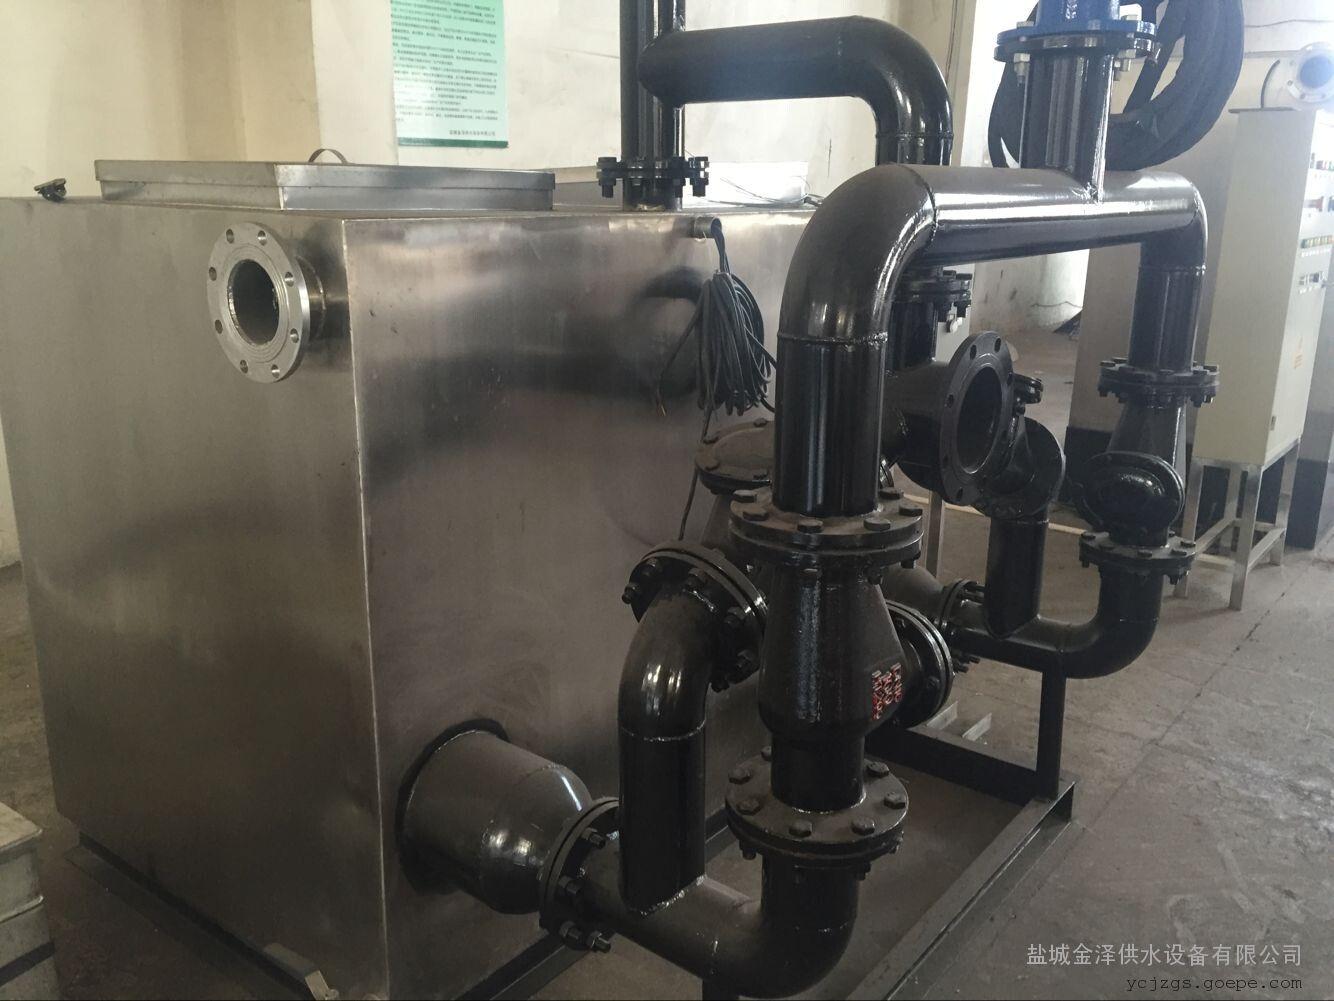 家用污水提升装置-污水提升装置价格-家用污水提升